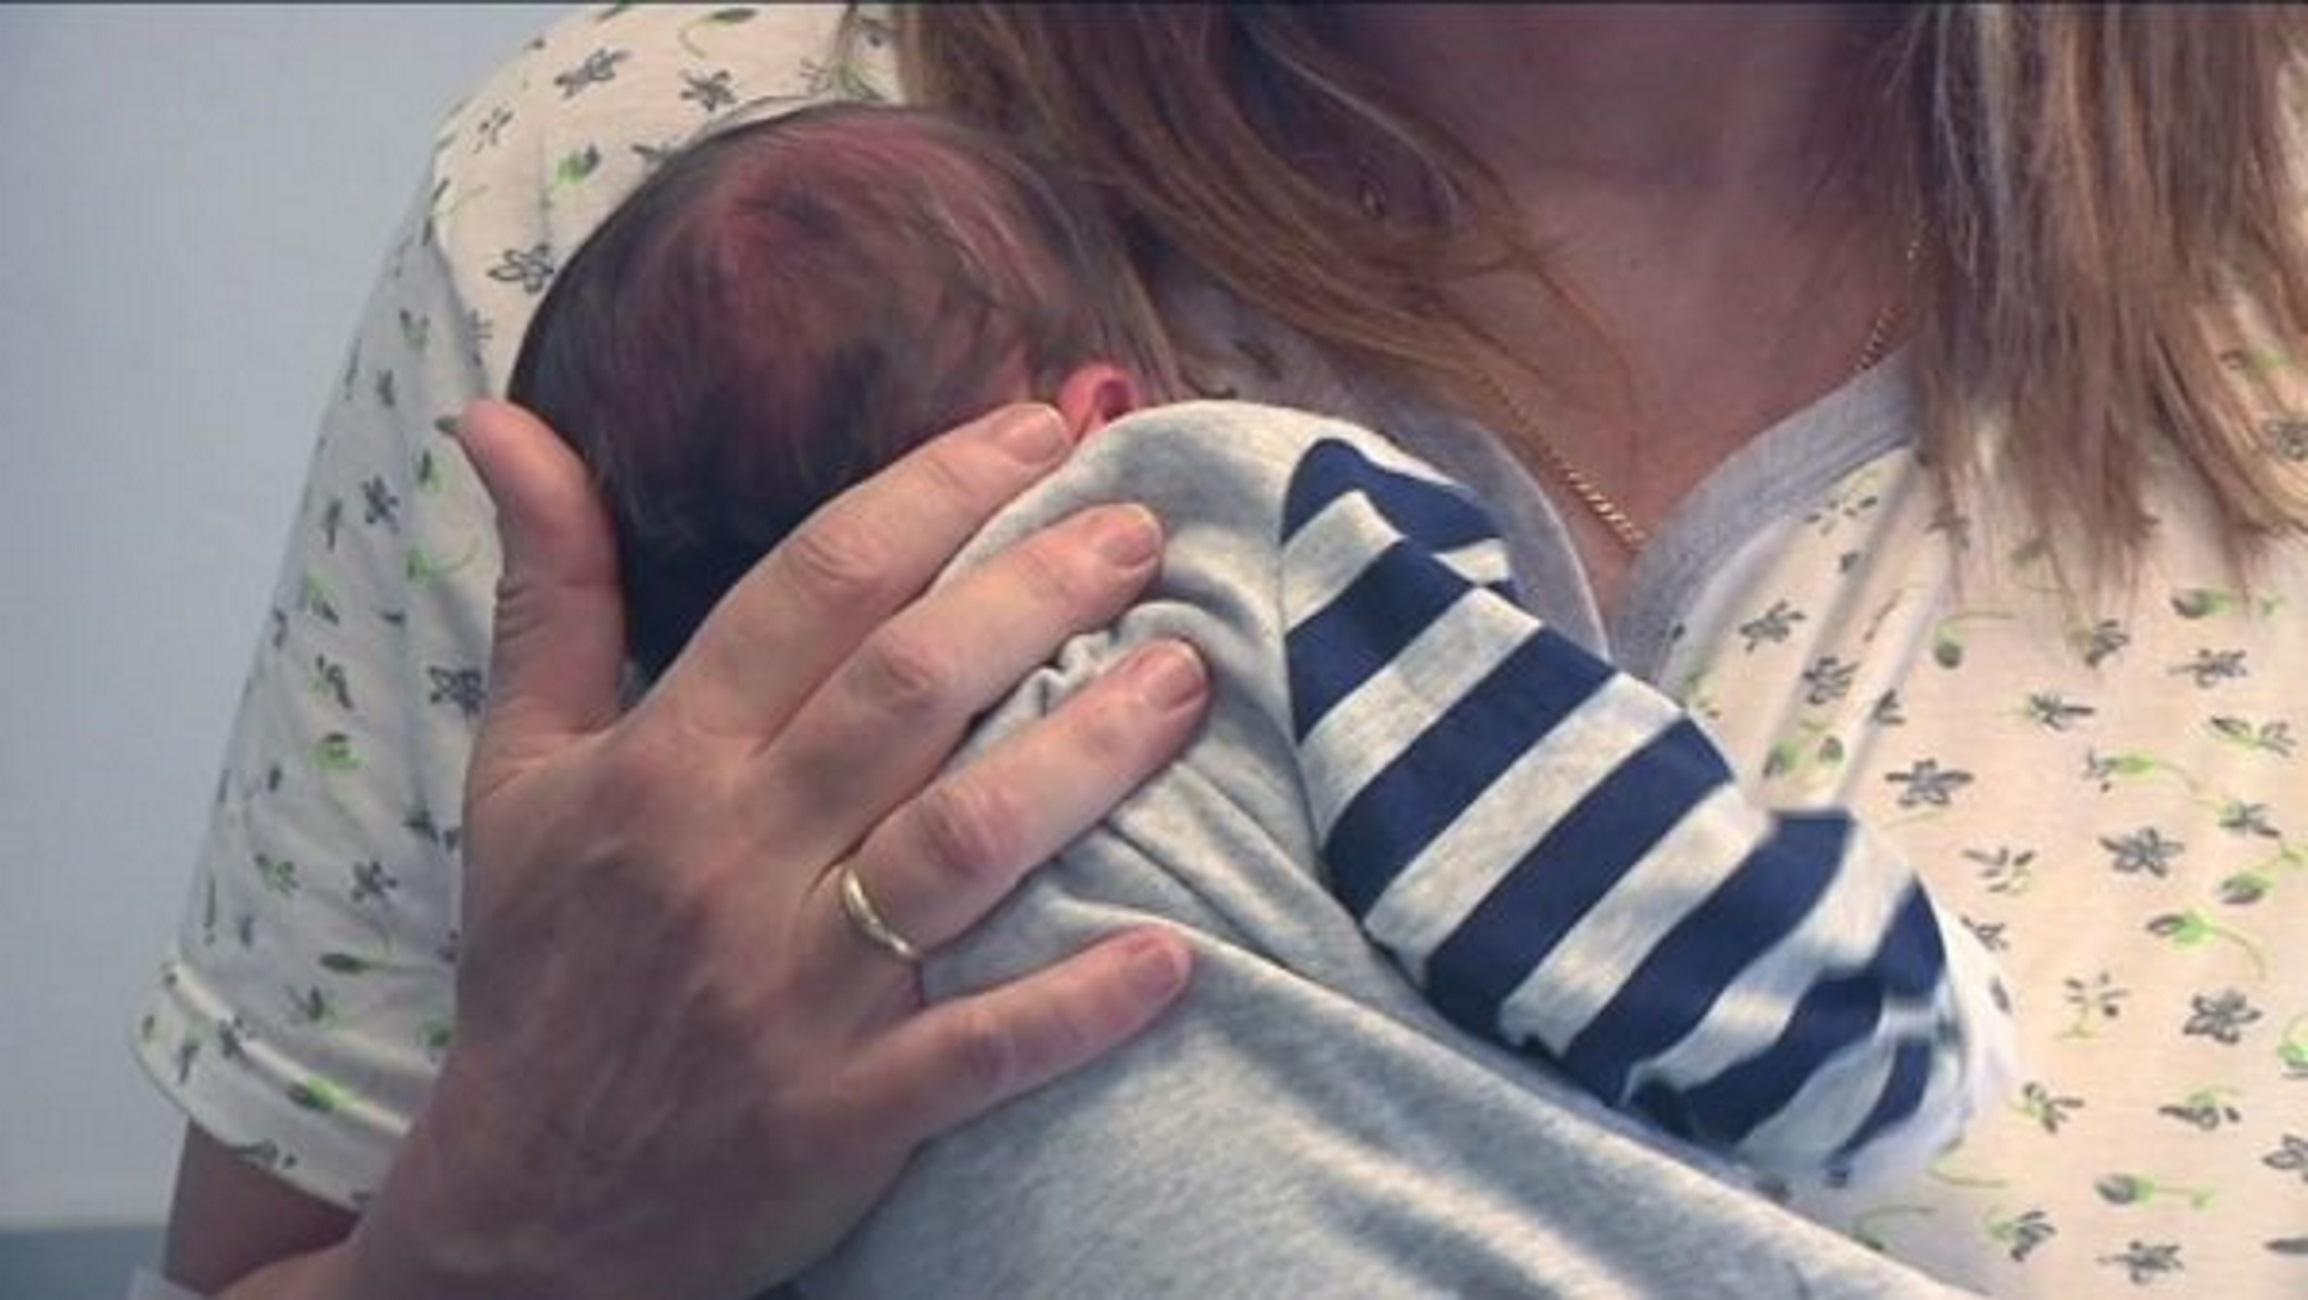 Λέσβος – Κορονοϊός: Νόσησε βρέφος 10 μηνών! Τα έχασαν οι γονείς όταν κατάλαβαν τι είχε συμβεί